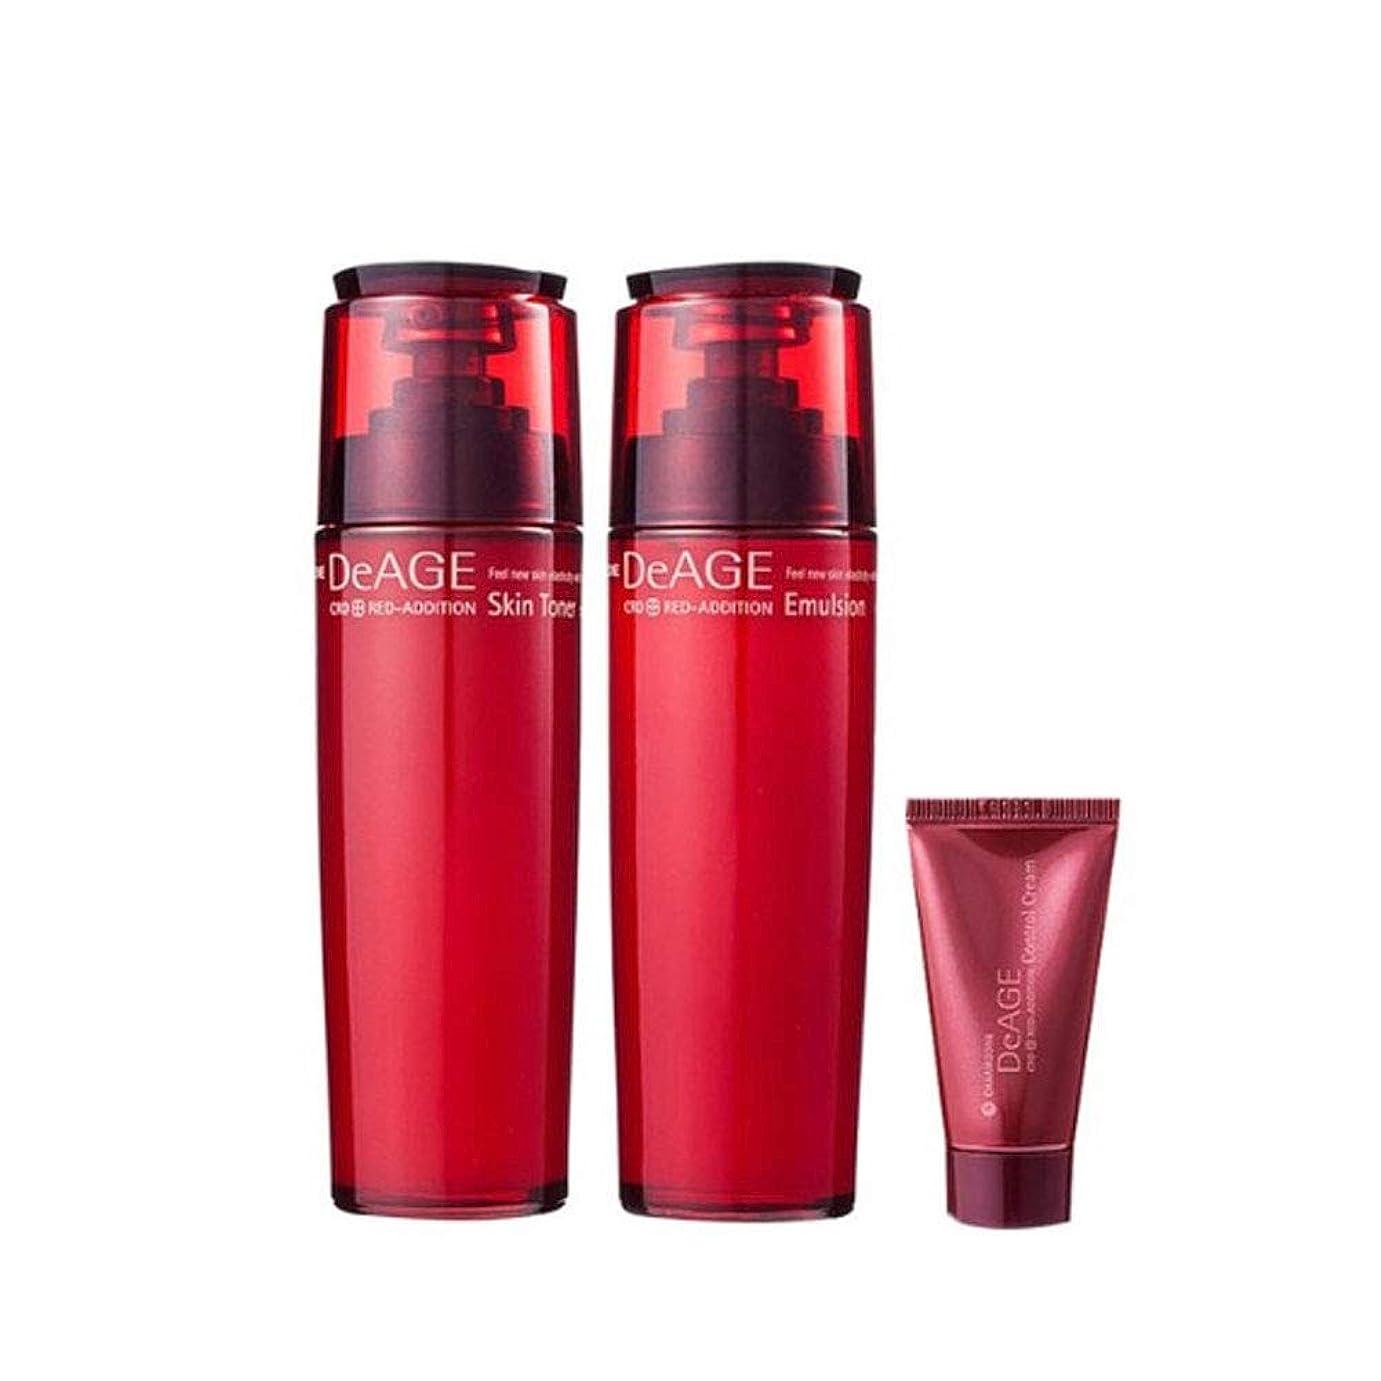 広告主規模米国チャムジョンディエイジレッドエディションセット(スキントナー130ml、エマルジョン130ml、コントロールクリーム15ml)、Charmzone DeAGE Red Addition Set(Skin Toner 130ml、Emulsion 130ml、Control Cream 15ml) [並行輸入品]